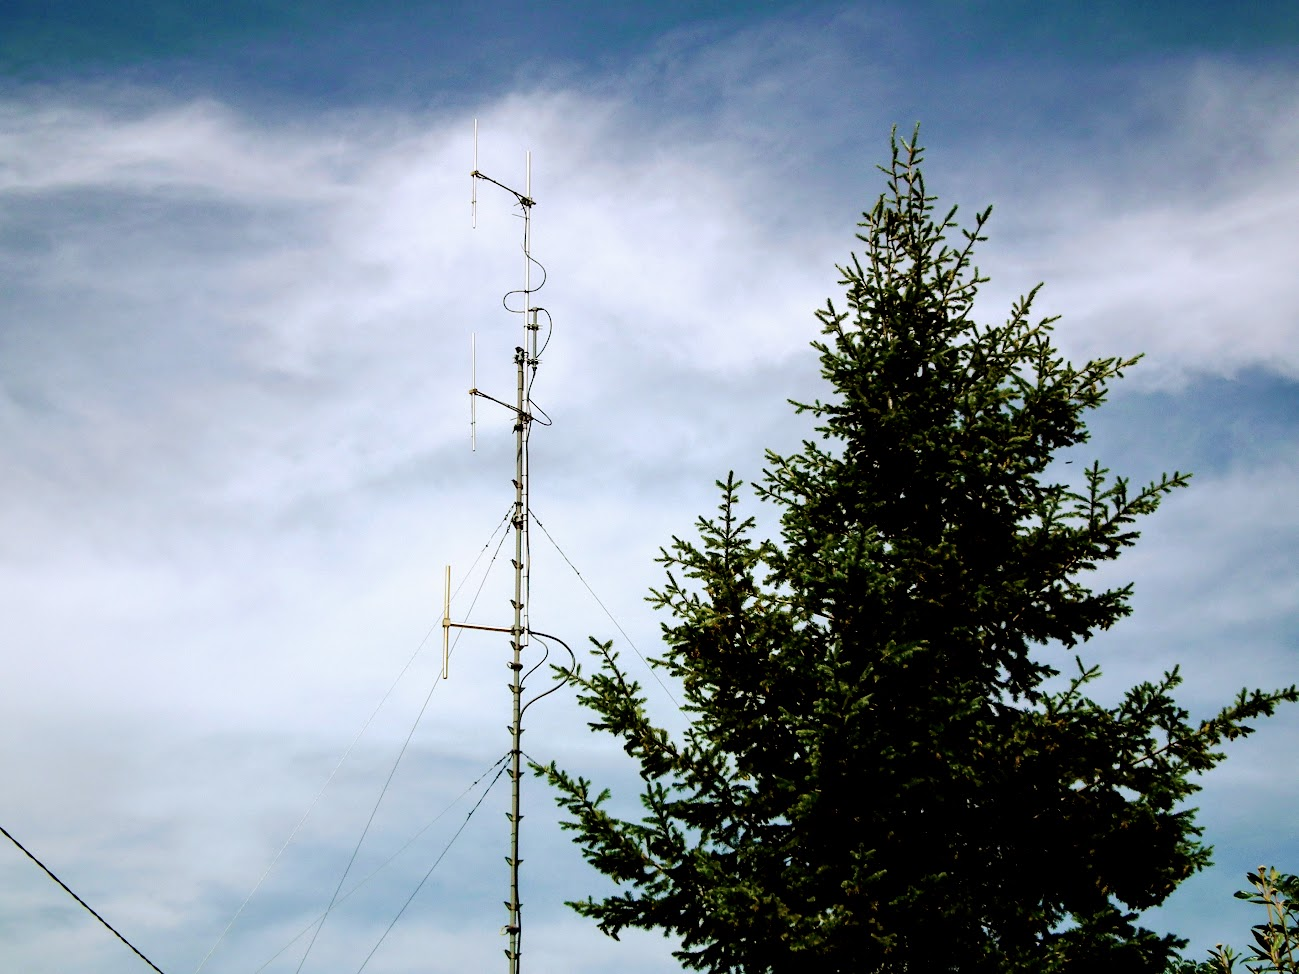 Esztergom/Aranyhegy 1 - helyi URH-FM adóállomás